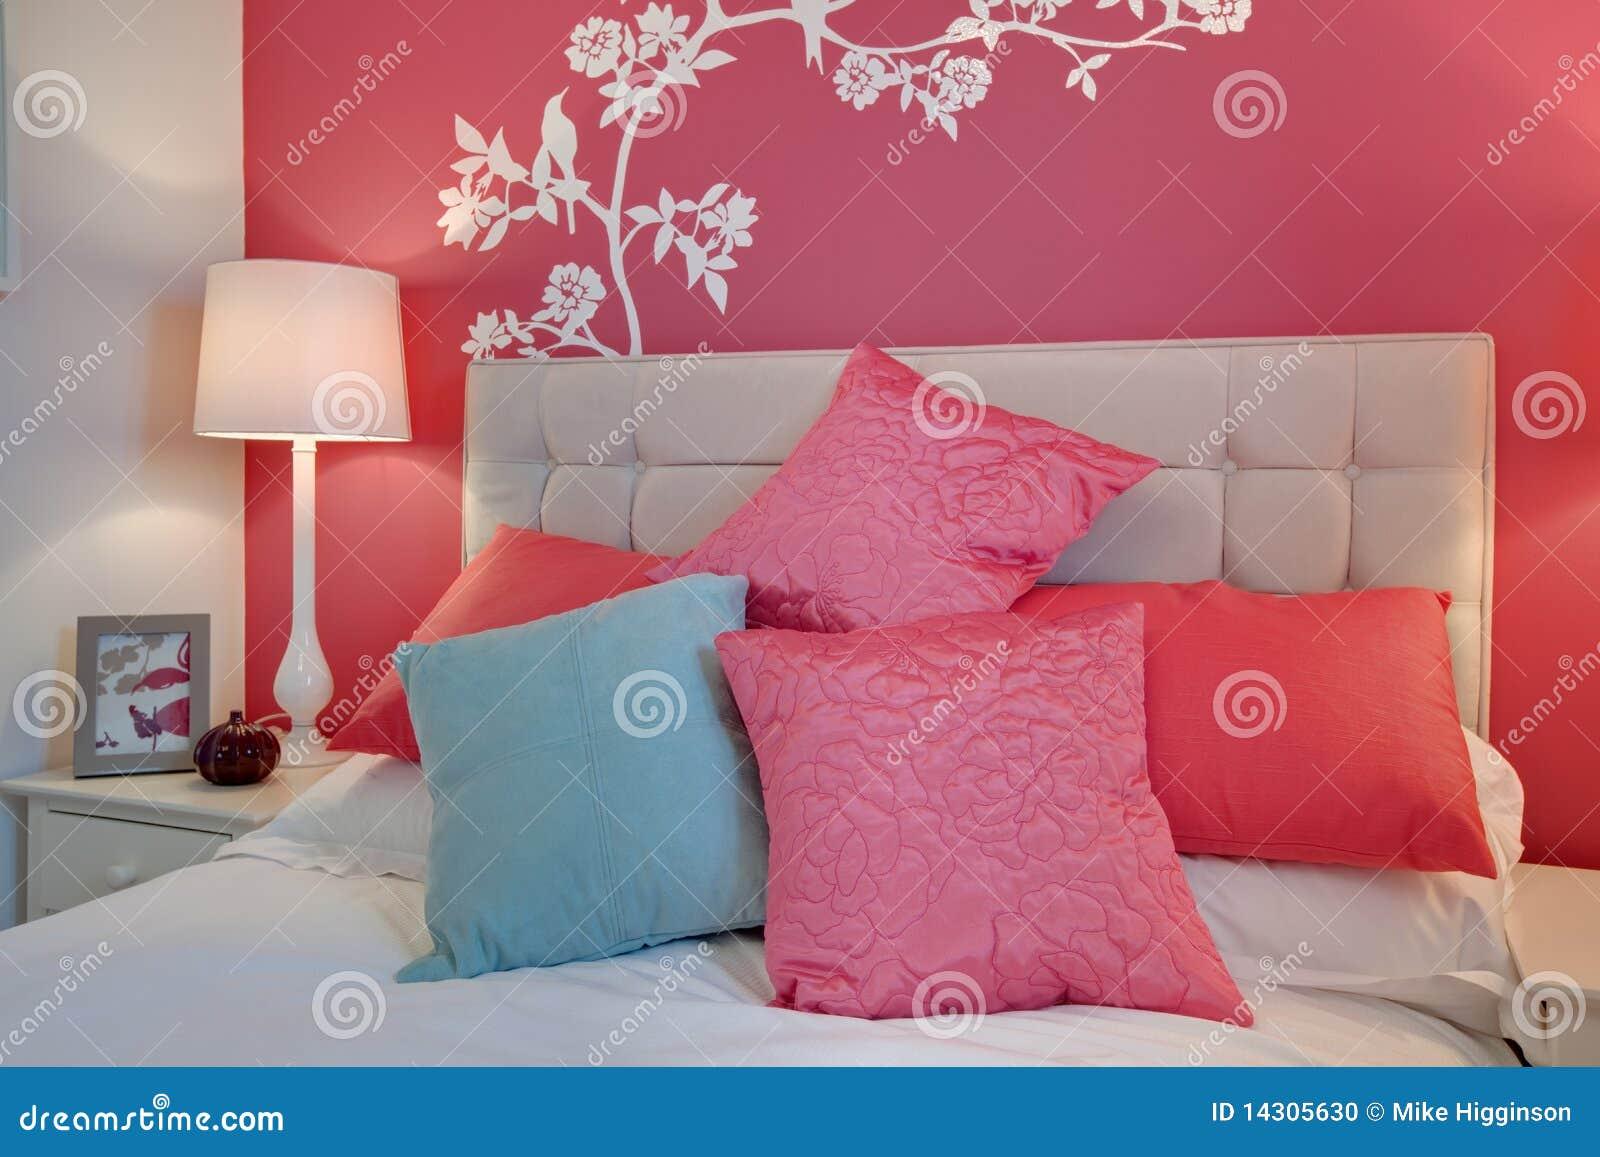 Peinture de chambre coucher deco peinture chambre for Decoration pour chambre a coucher adulte